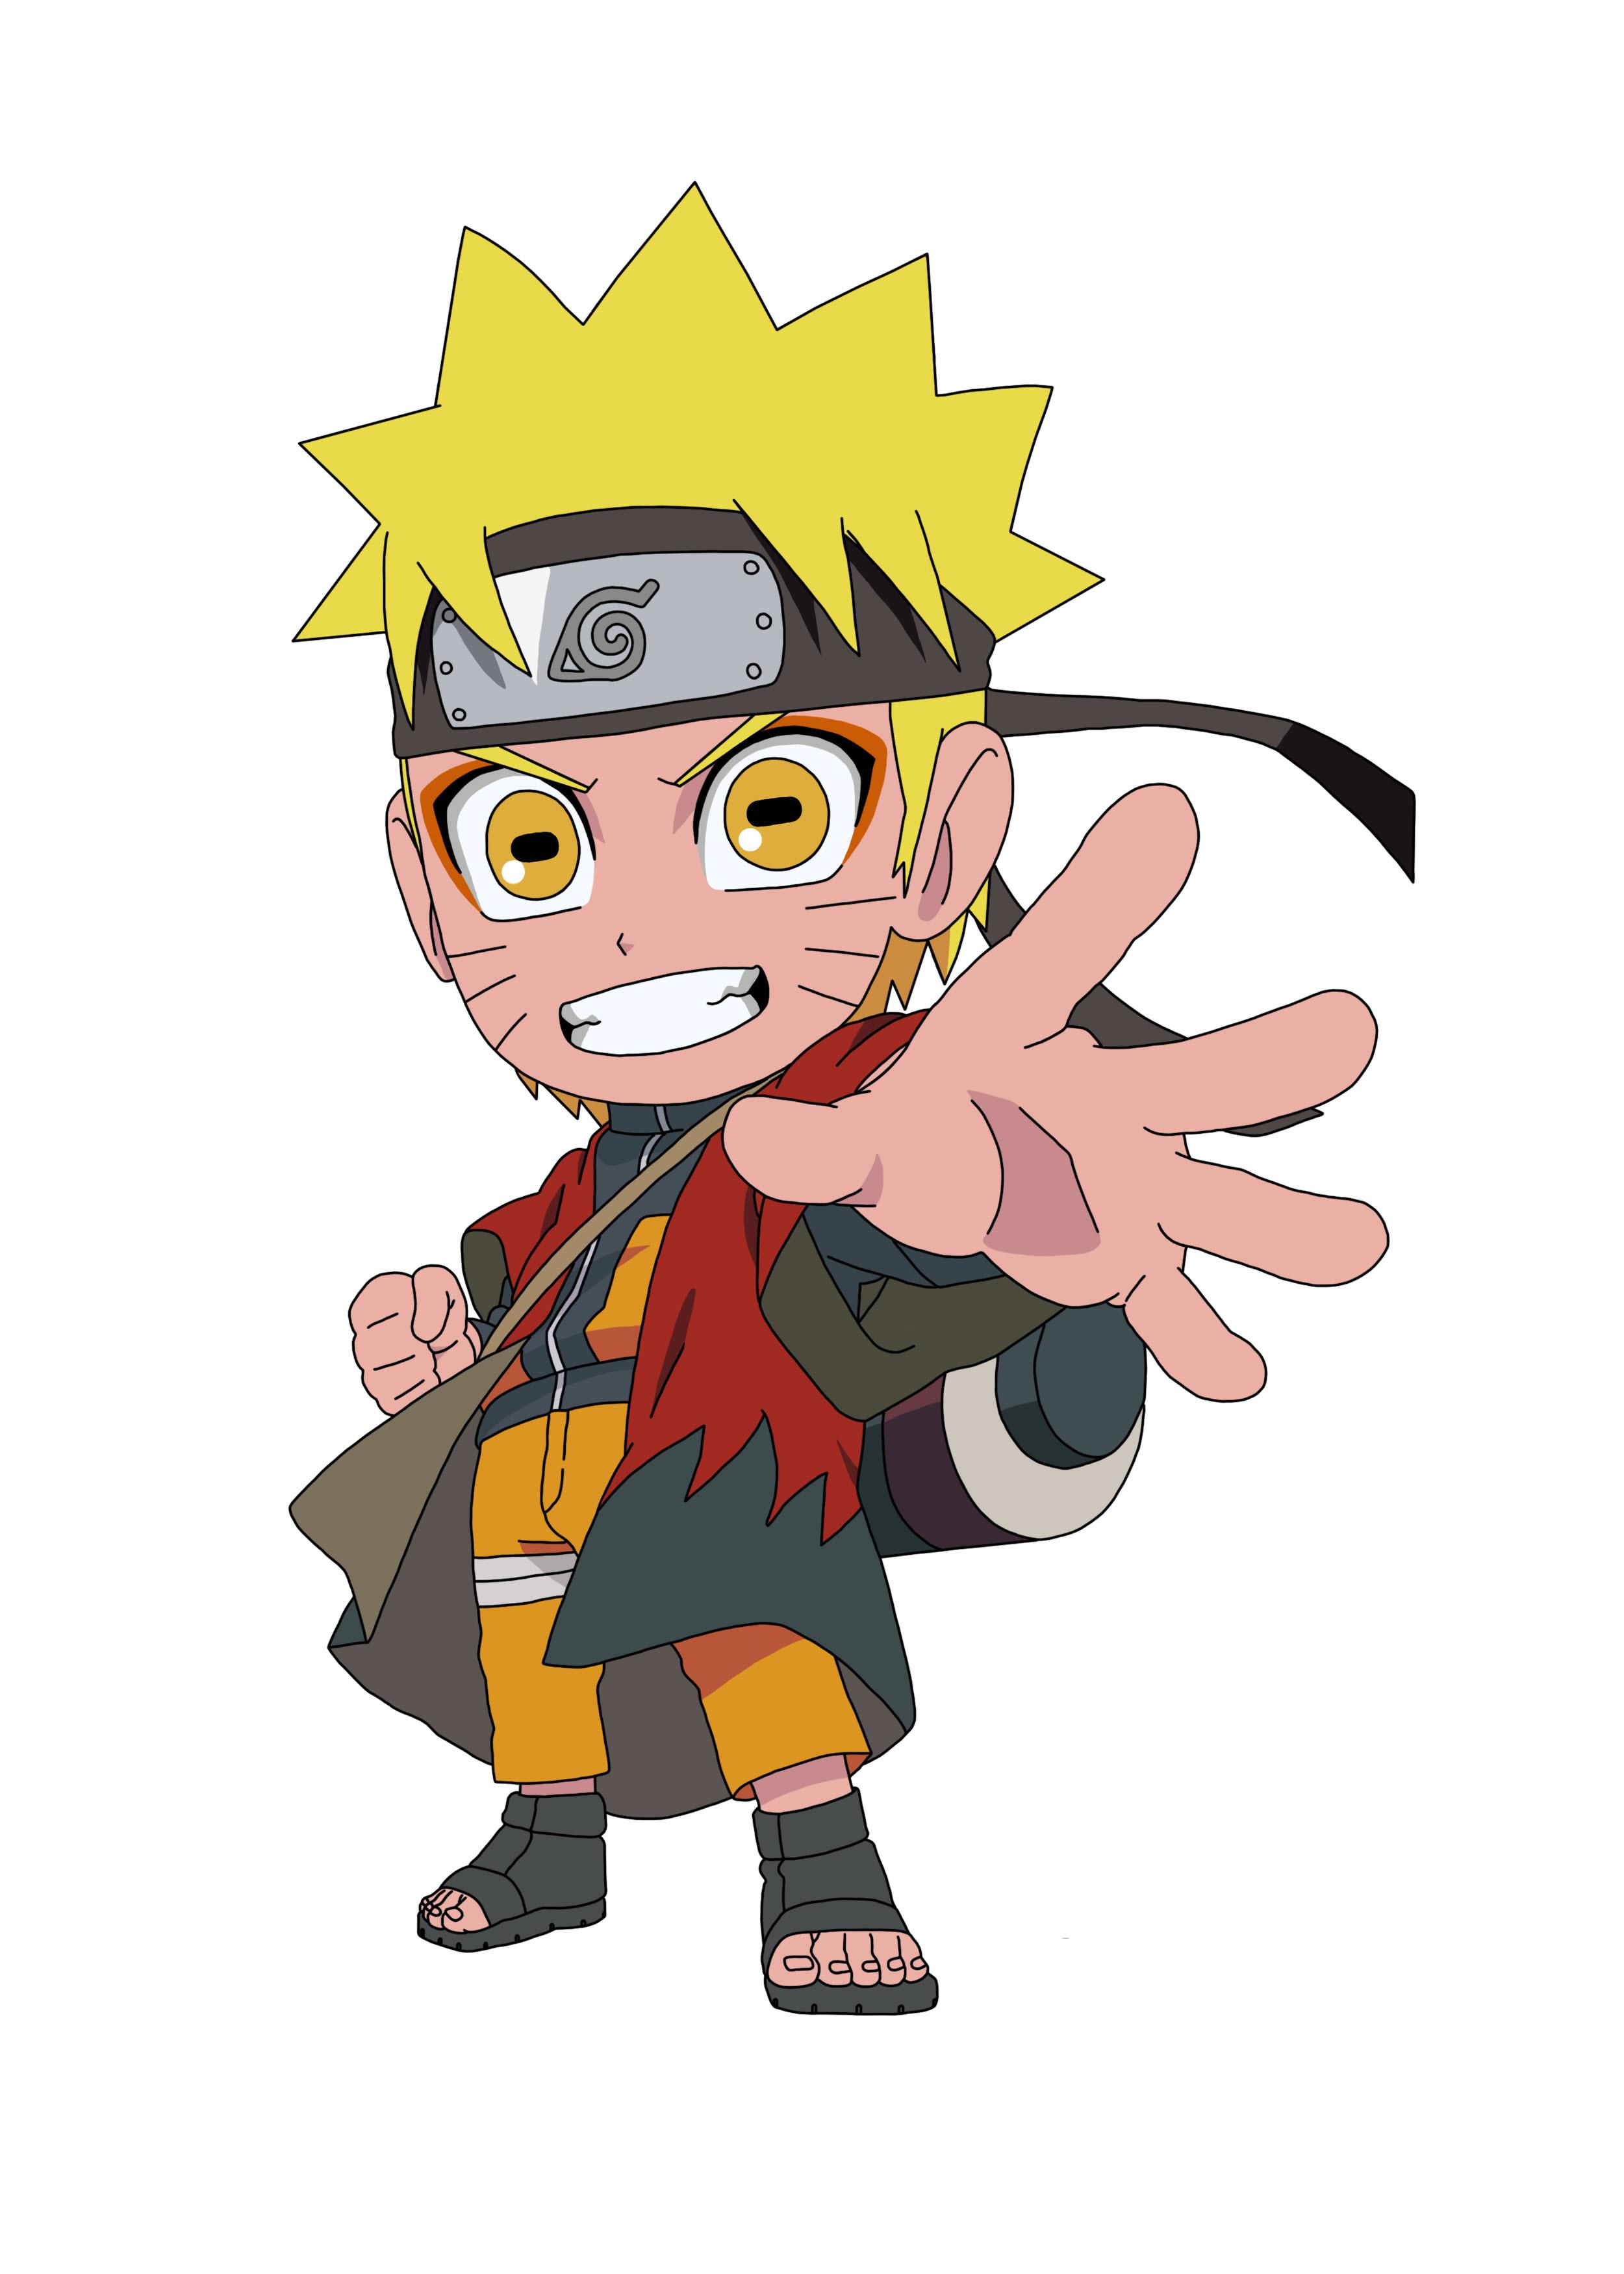 Ảnh Naruto full hd